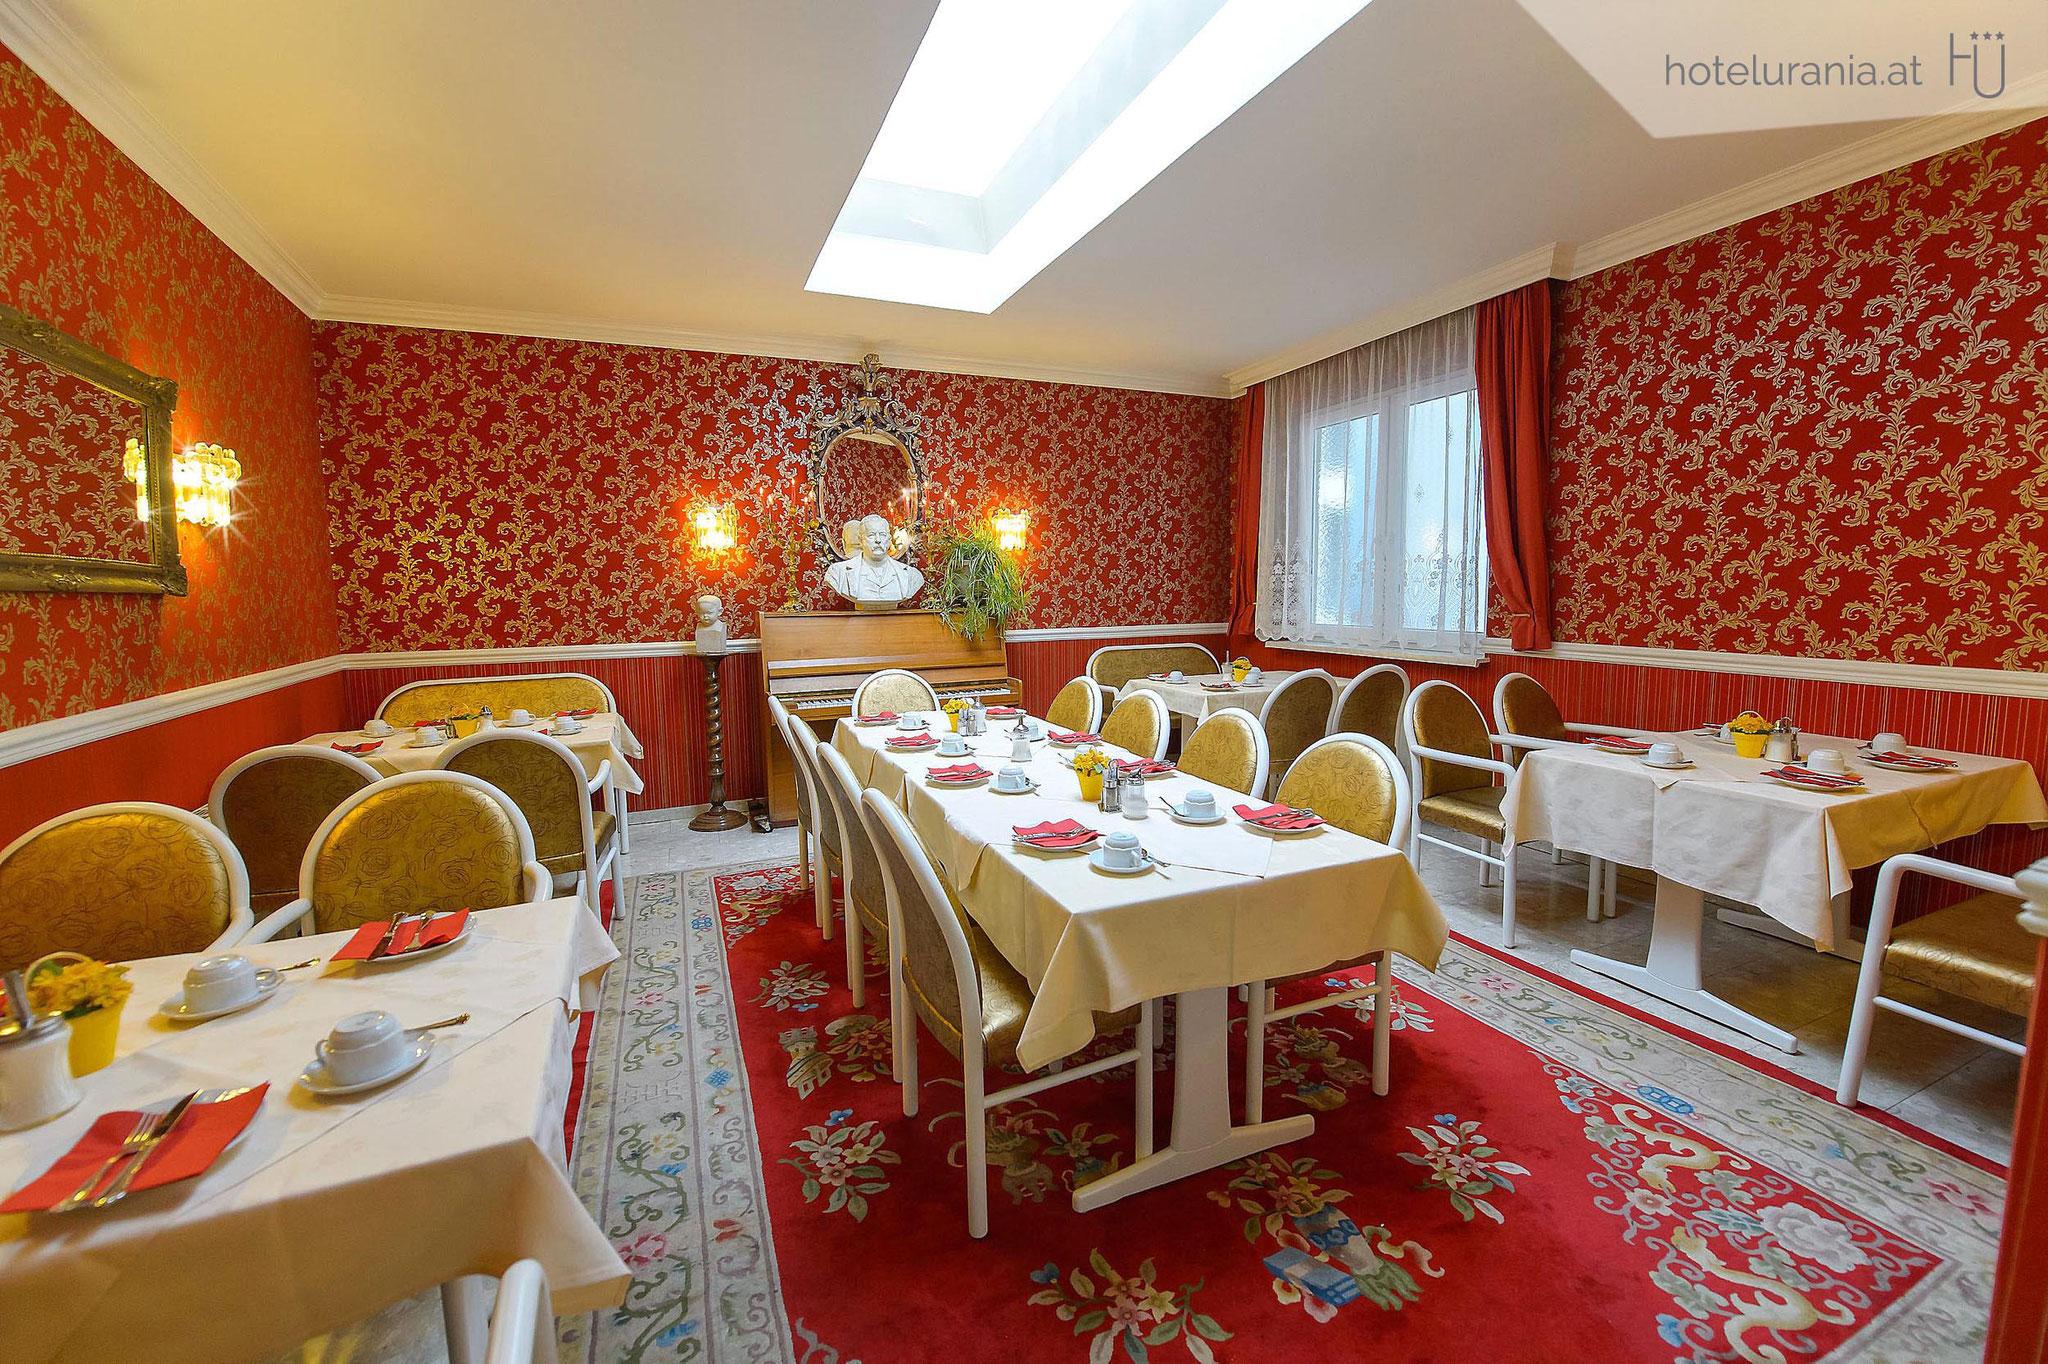 Hotel Urania Wiener Frühstück